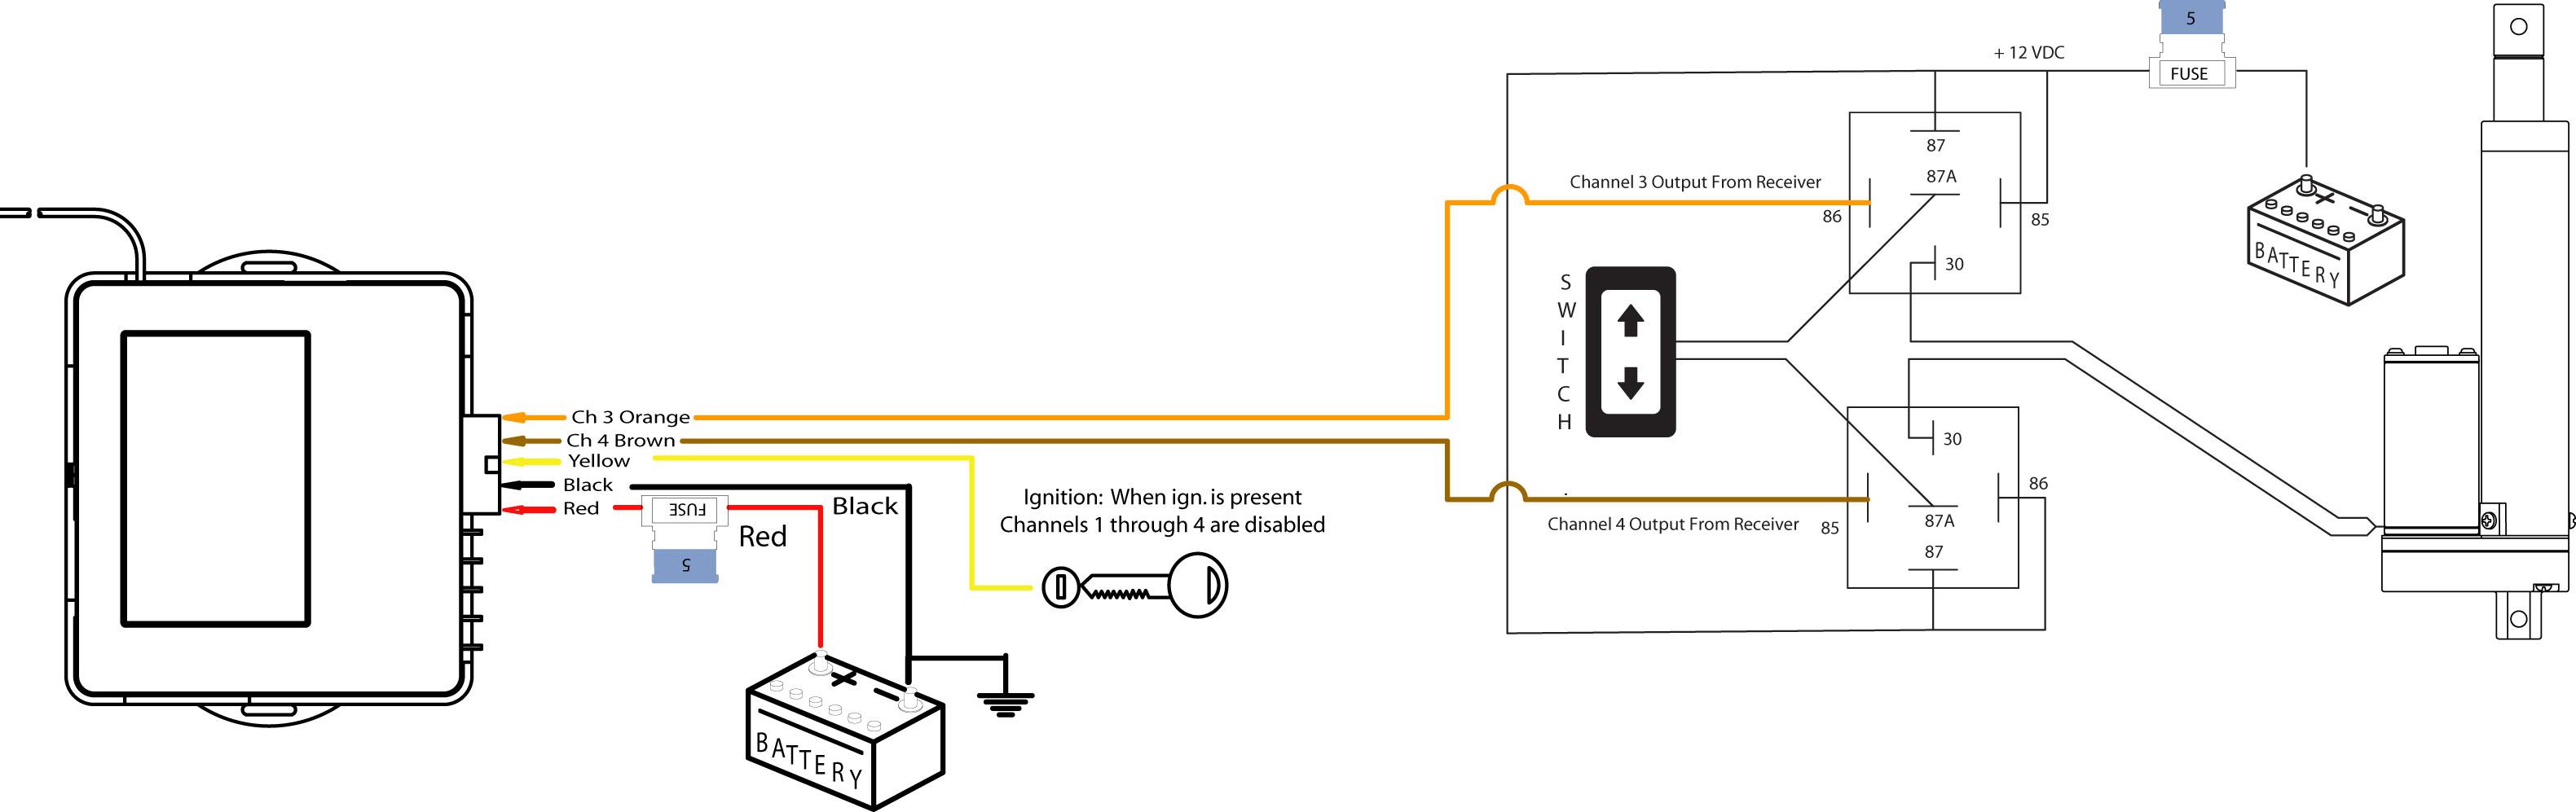 Astounding Noah Actuator Wiring Diagram Standard Electrical Wiring Diagram Wiring Cloud Picalendutblikvittorg